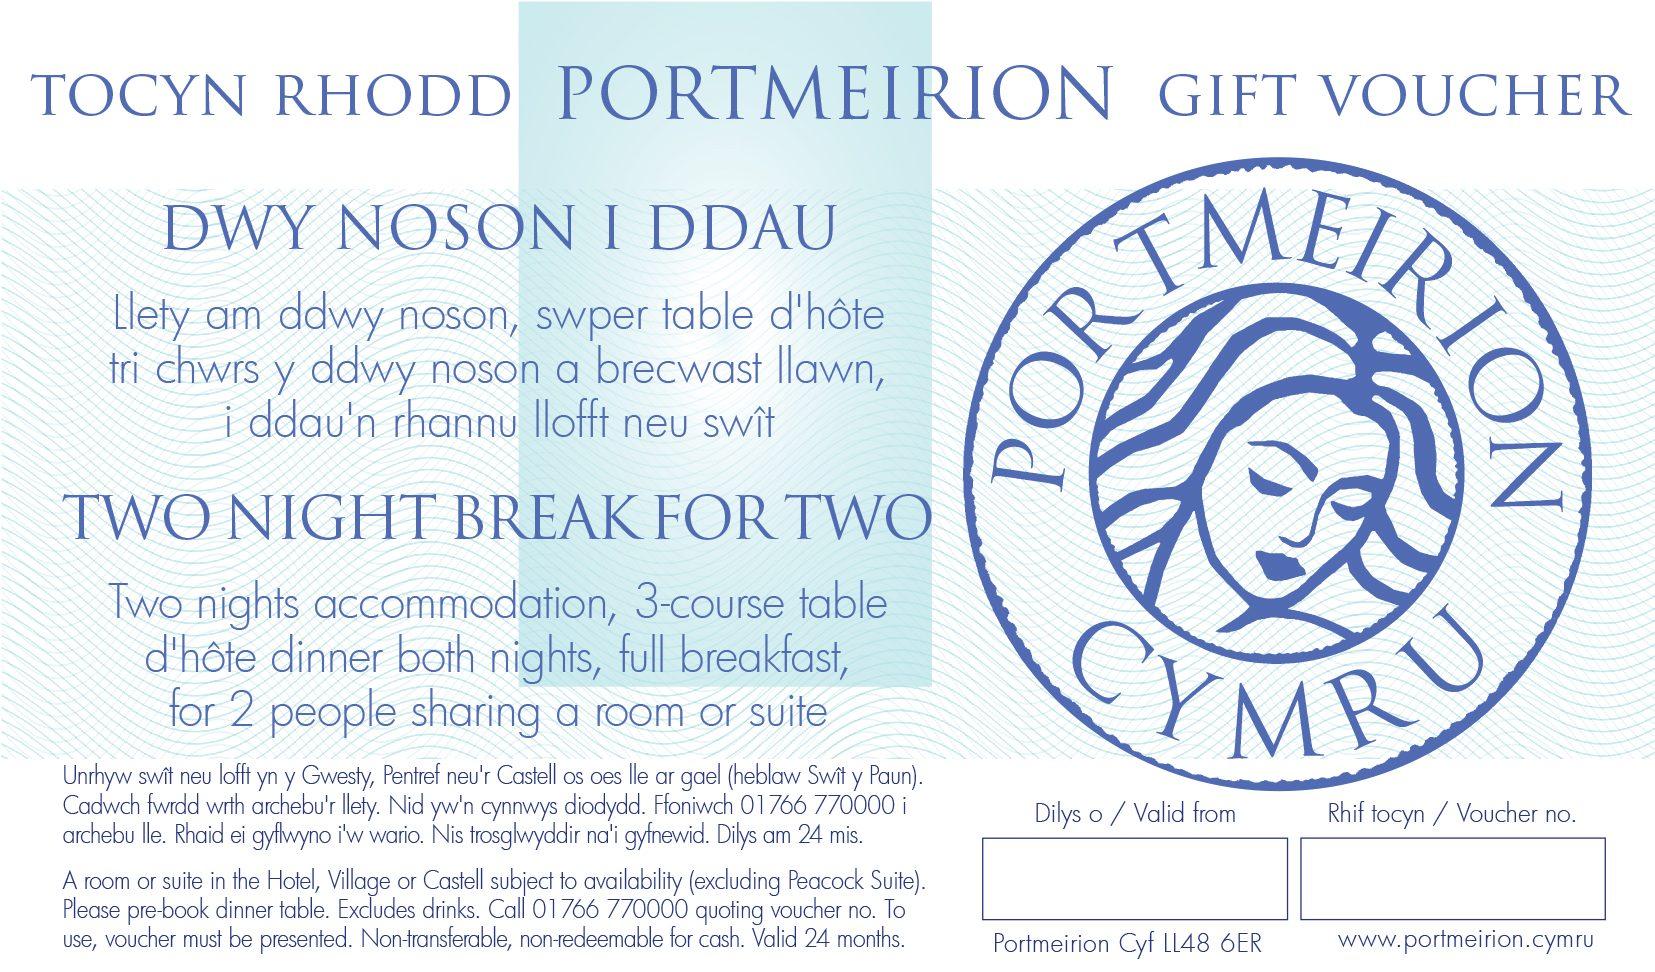 Two Night Break For 2 Portmeirion Gift Voucher